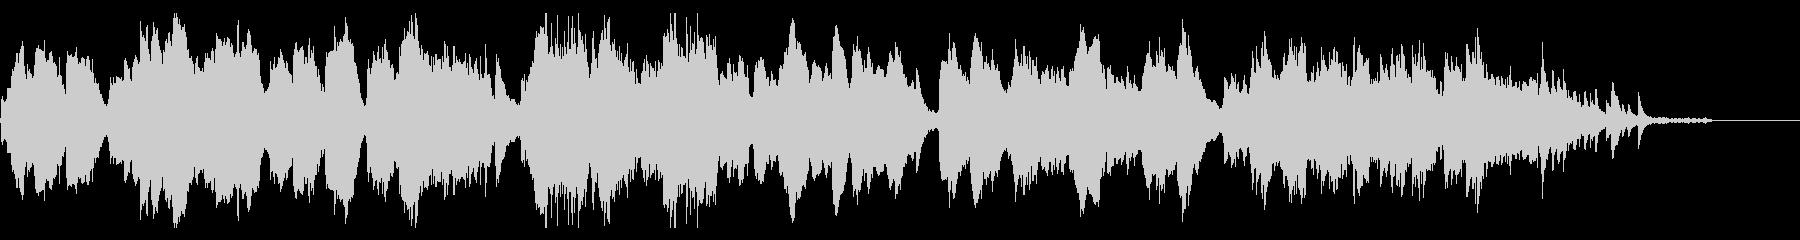 クラリネットとバイオリンの切ない室内楽の未再生の波形